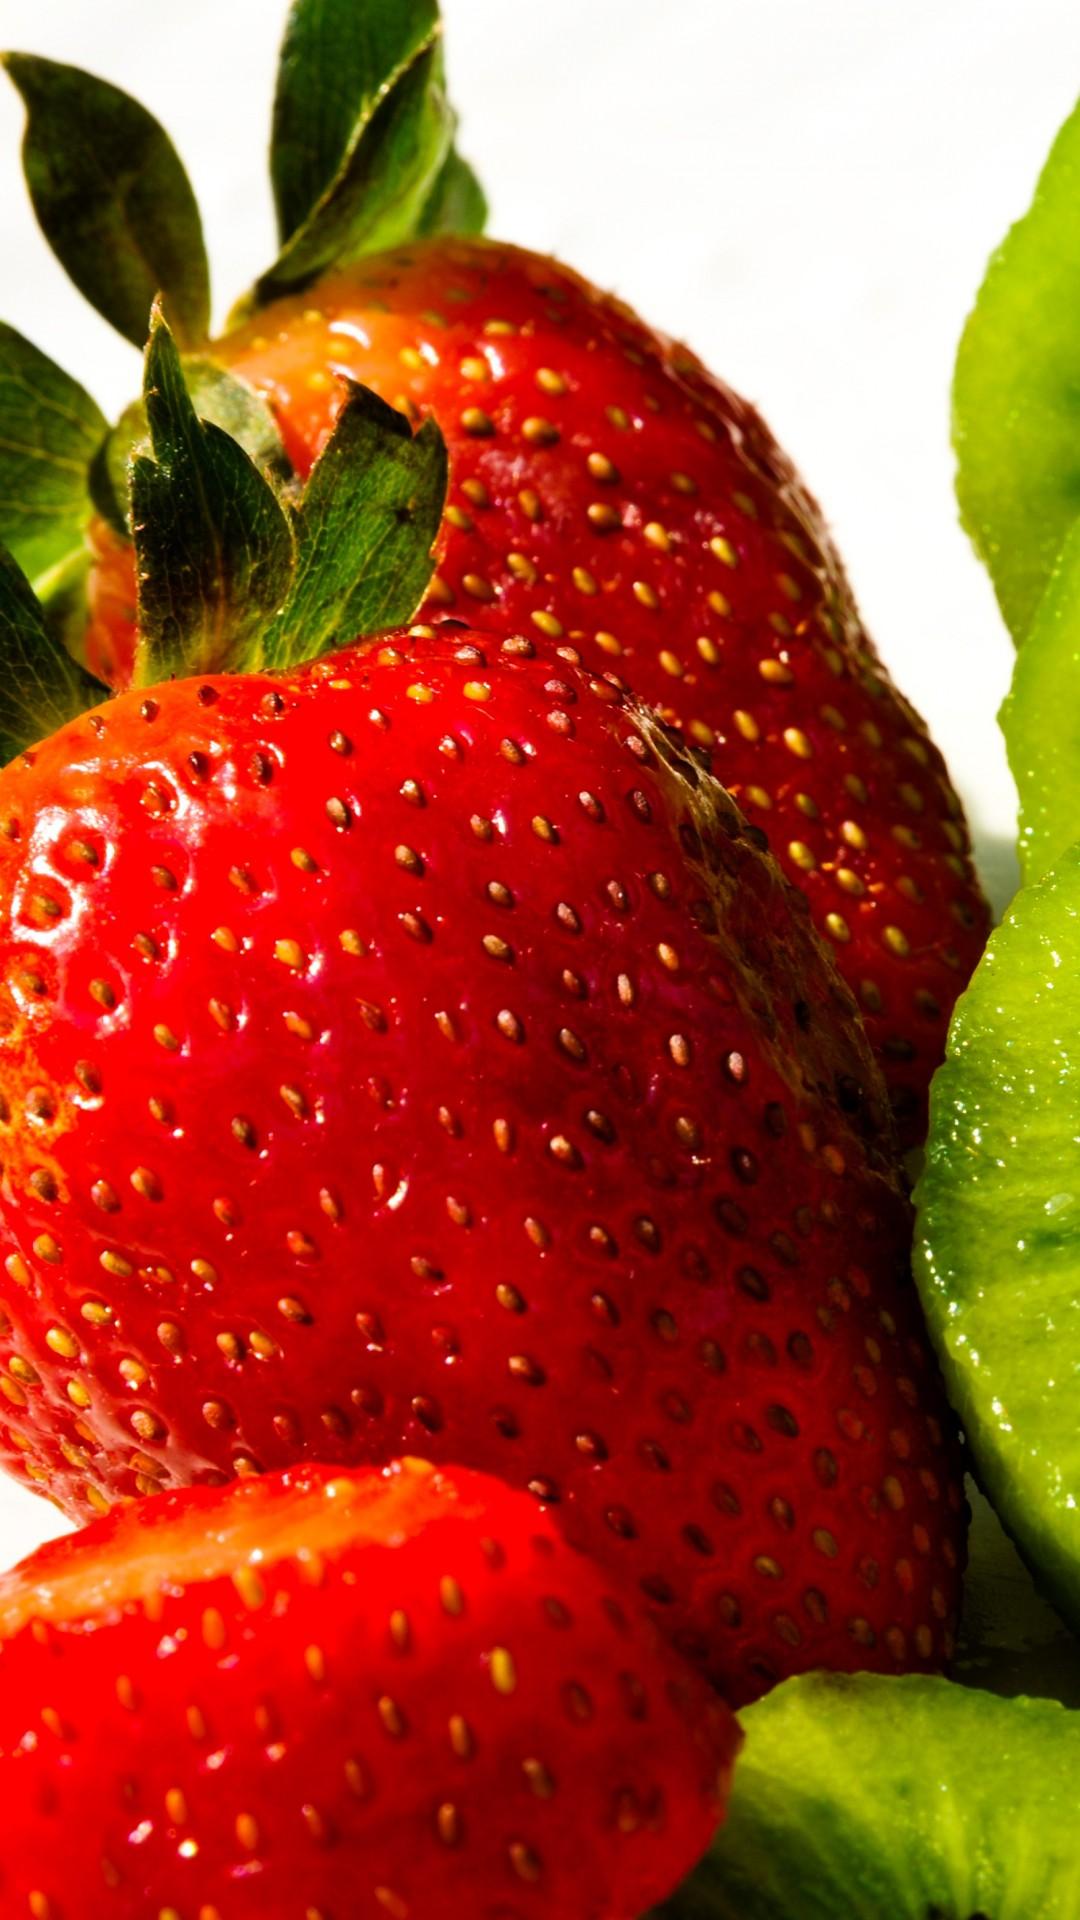 Заставки на телефон фрукты